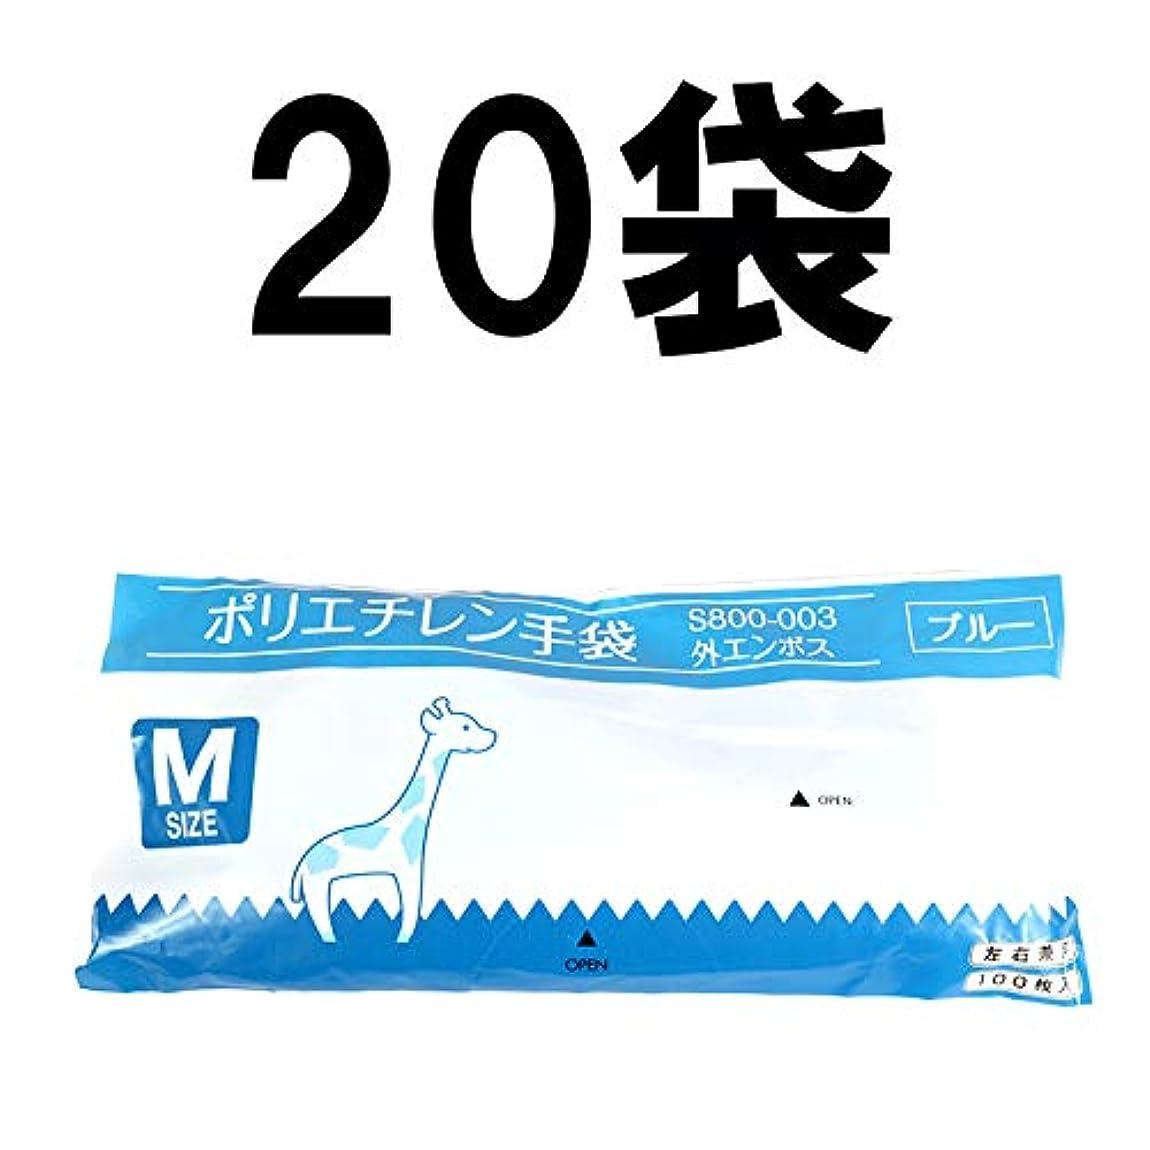 外交問題解放する白菜(2000枚) 使い捨て ポリエチレン手袋 Mサイズ 100枚入り×20BOX ブルー色 左右兼用 外エンボス 食品衛生法適合品